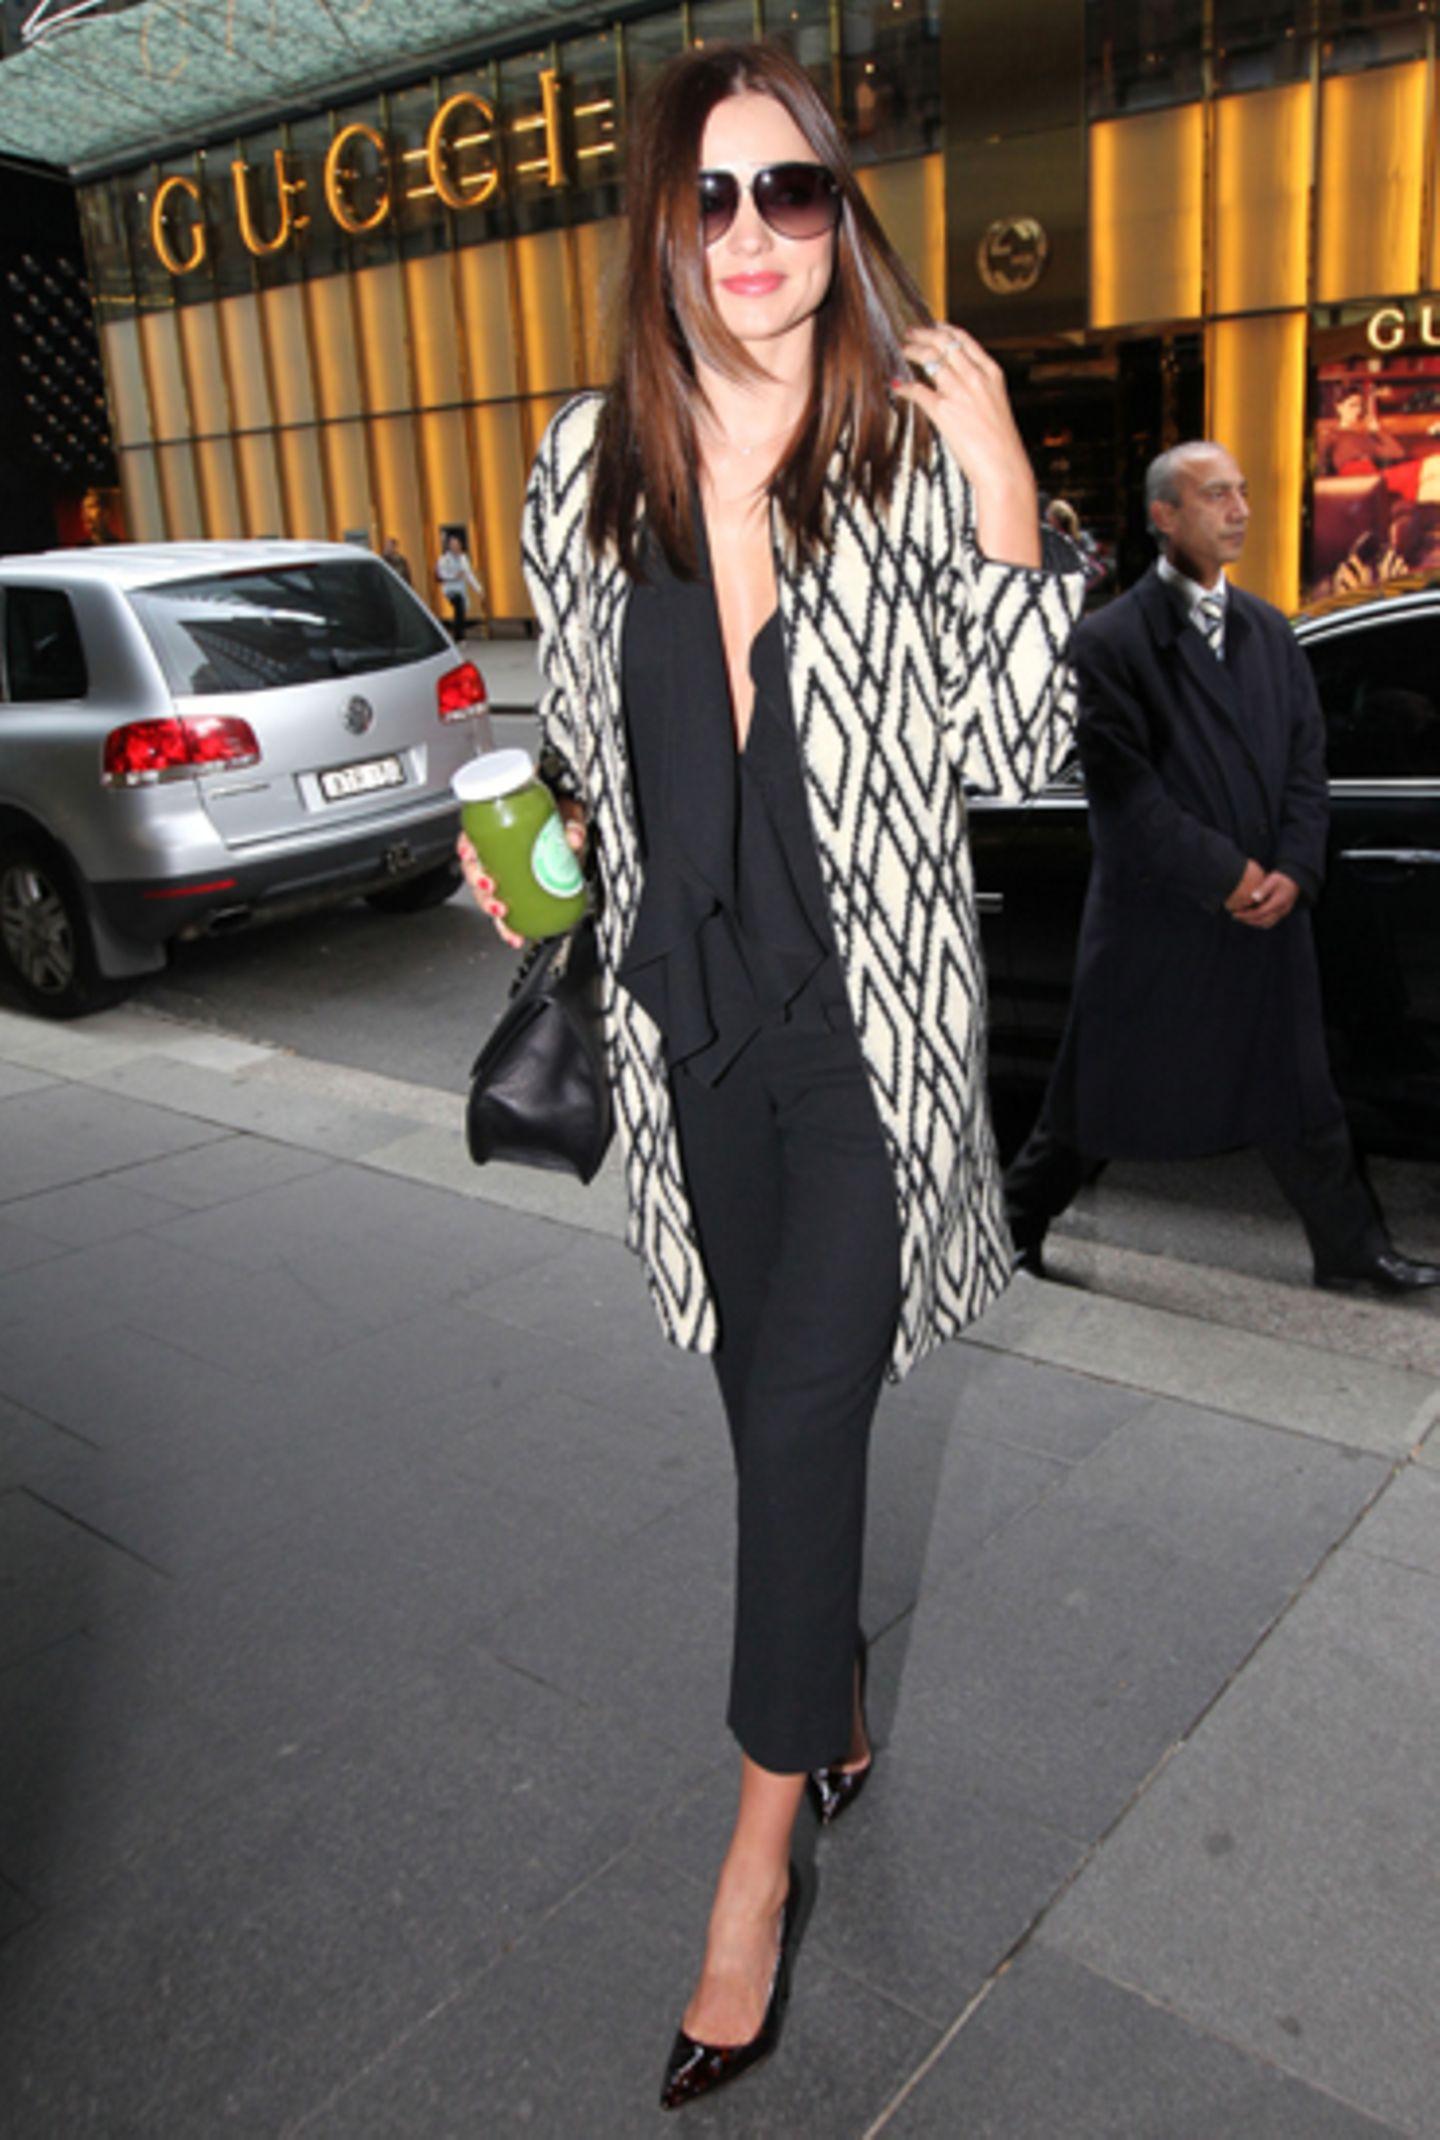 Miranda Kerr zeigt sich ganz edel mit Lackschuhen. Der gemusterte Mantel ist ein richtiger Hingucker und wertet ihr Outfit zusät